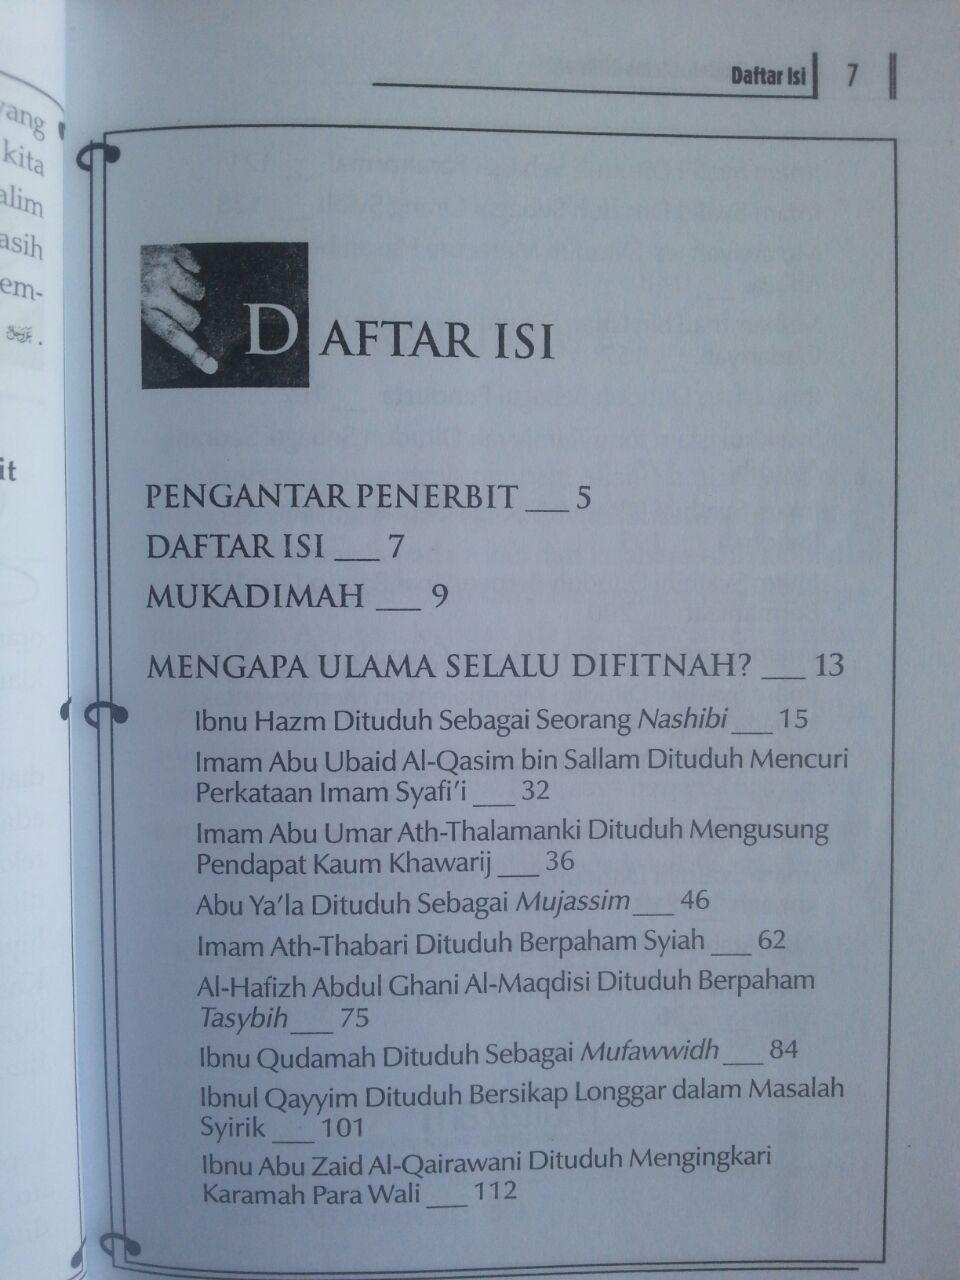 Buku Astaghfirullah Ulama Difitnah isi